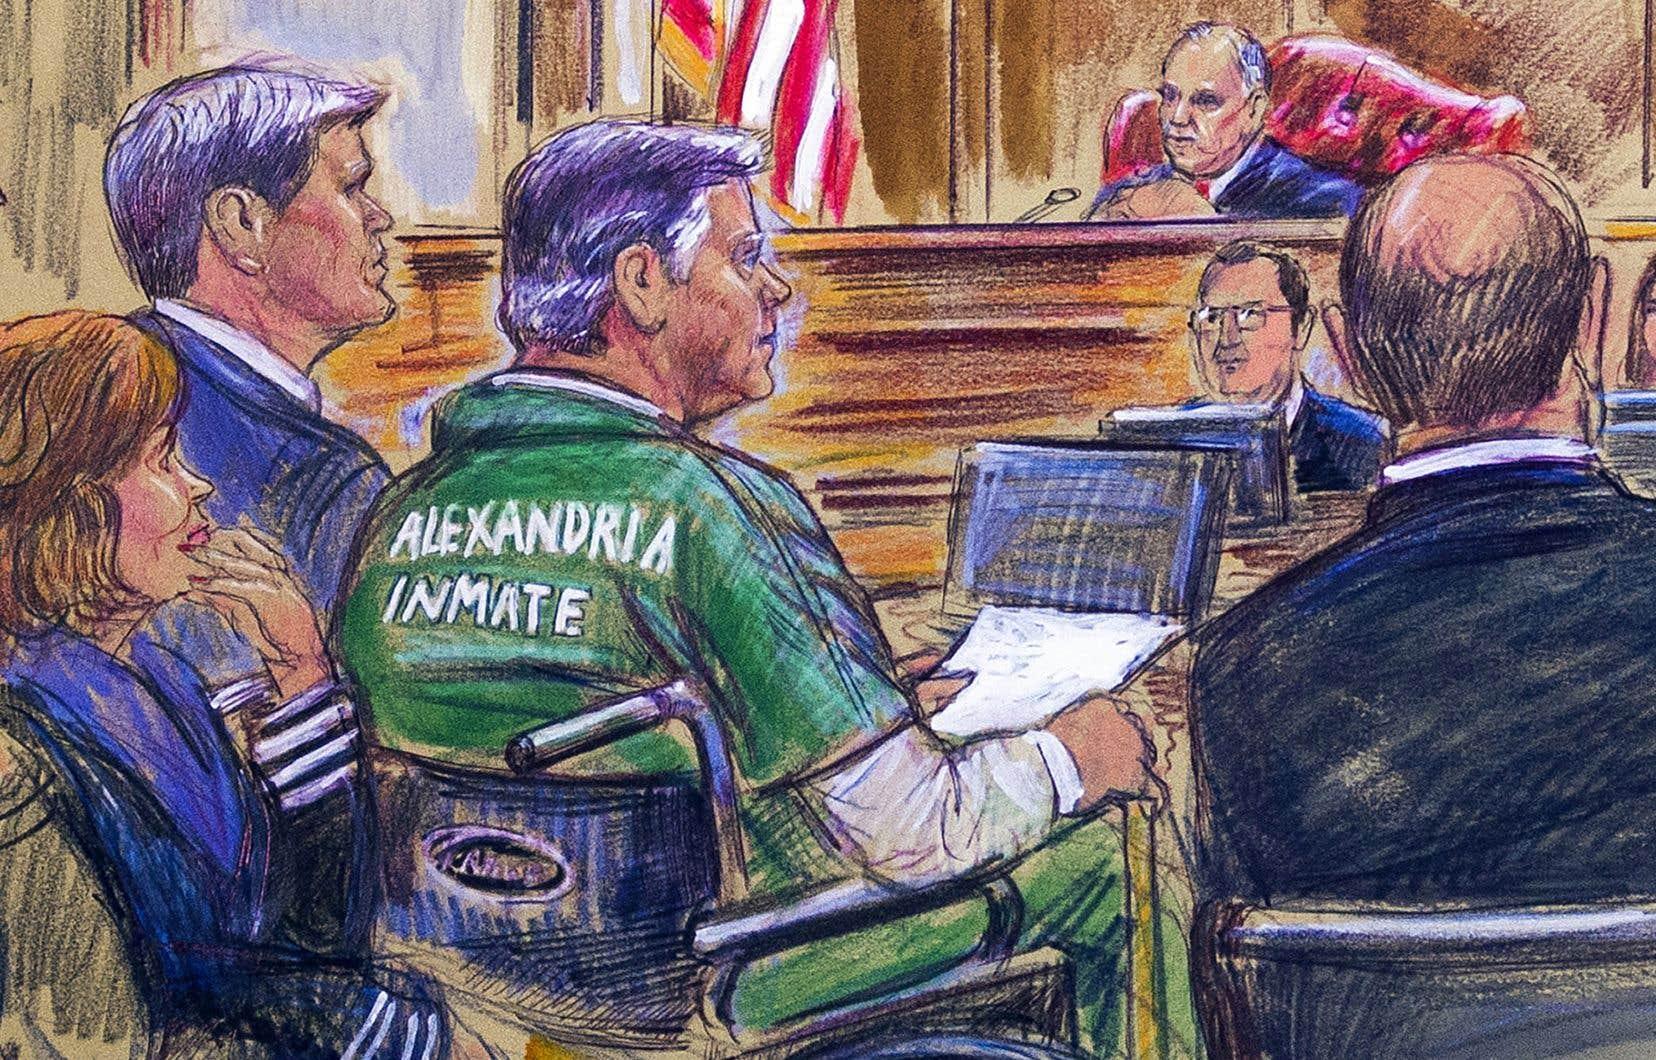 Jeudi, Paul Manafort est apparu en fauteuil roulant et tenue verte de prisonnier, incapable de se lever devant le juge.